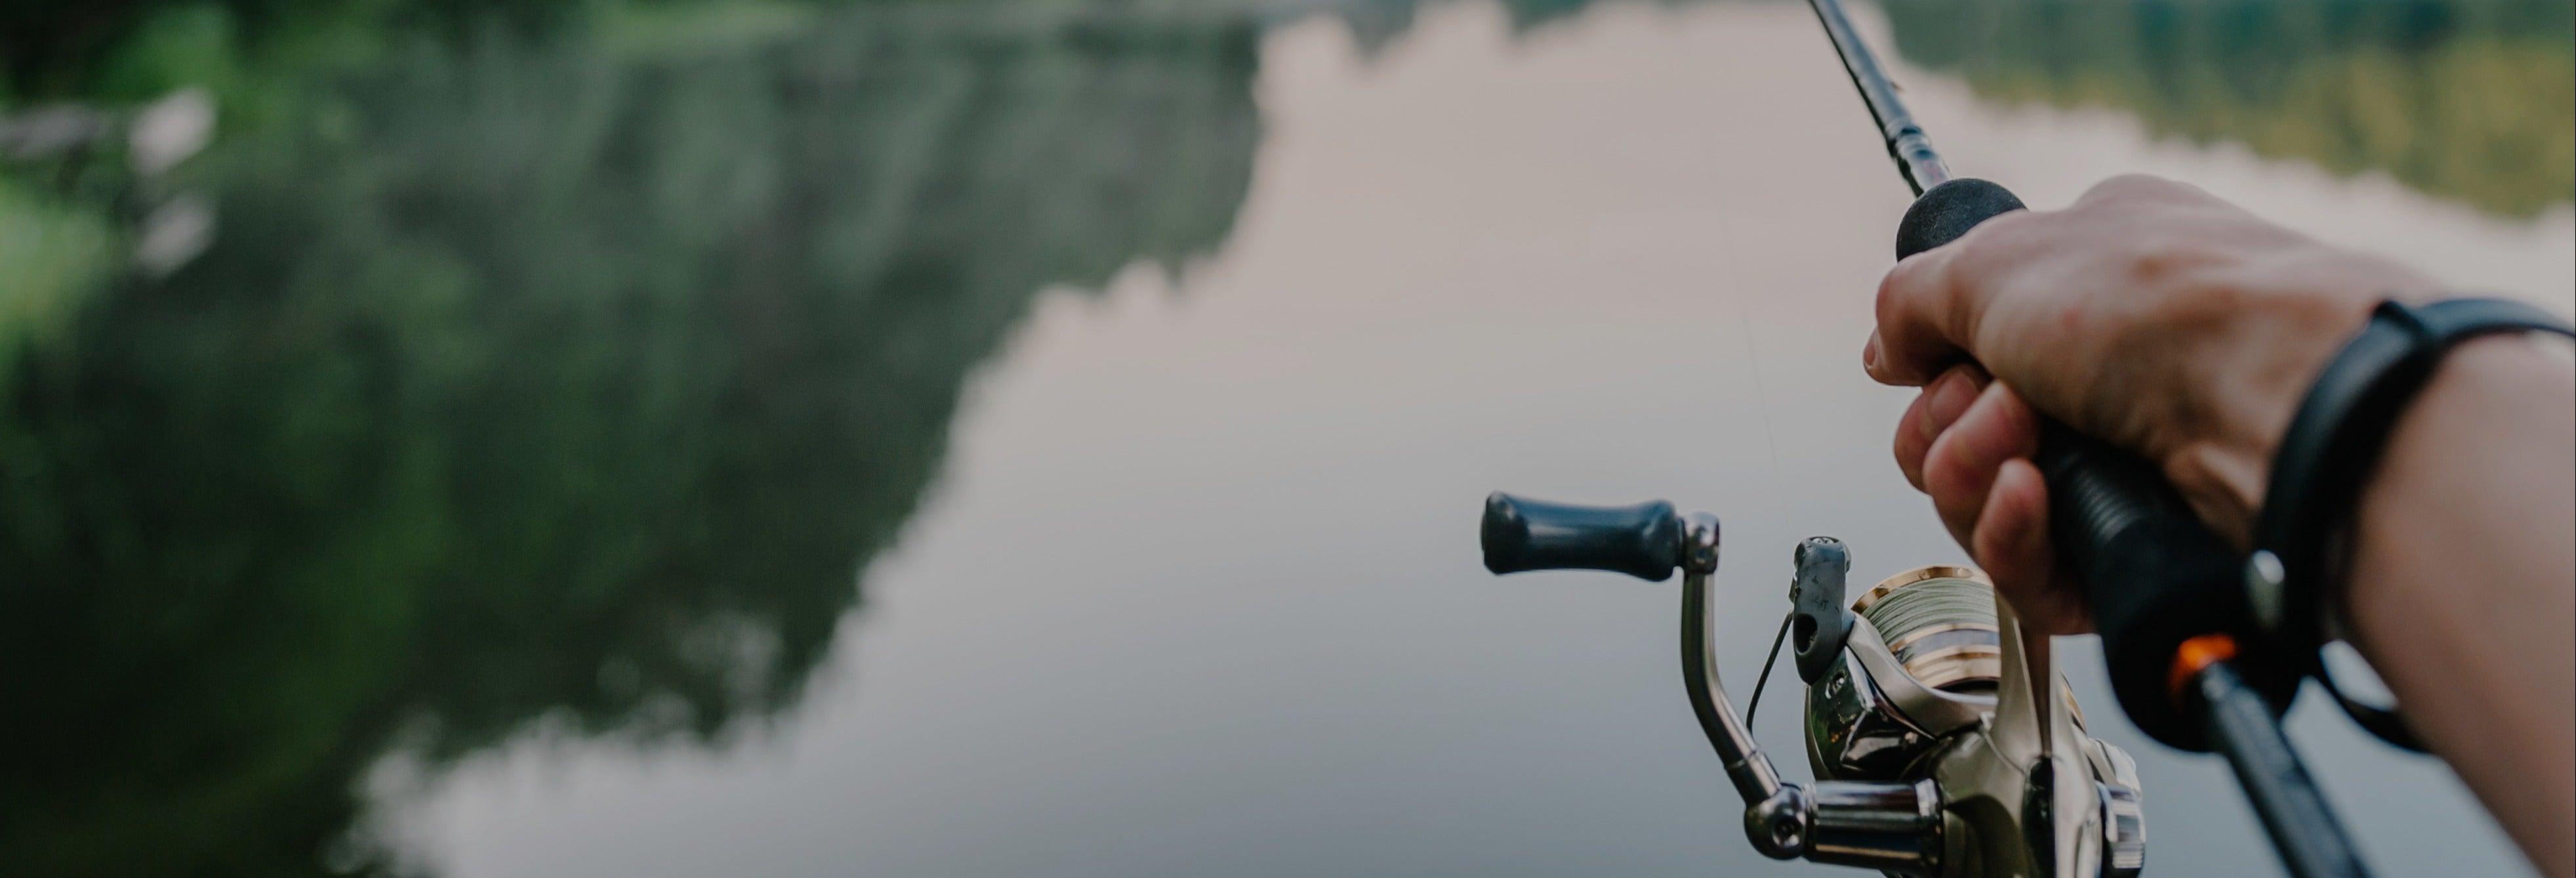 Pesca en el embalse de Guatapé